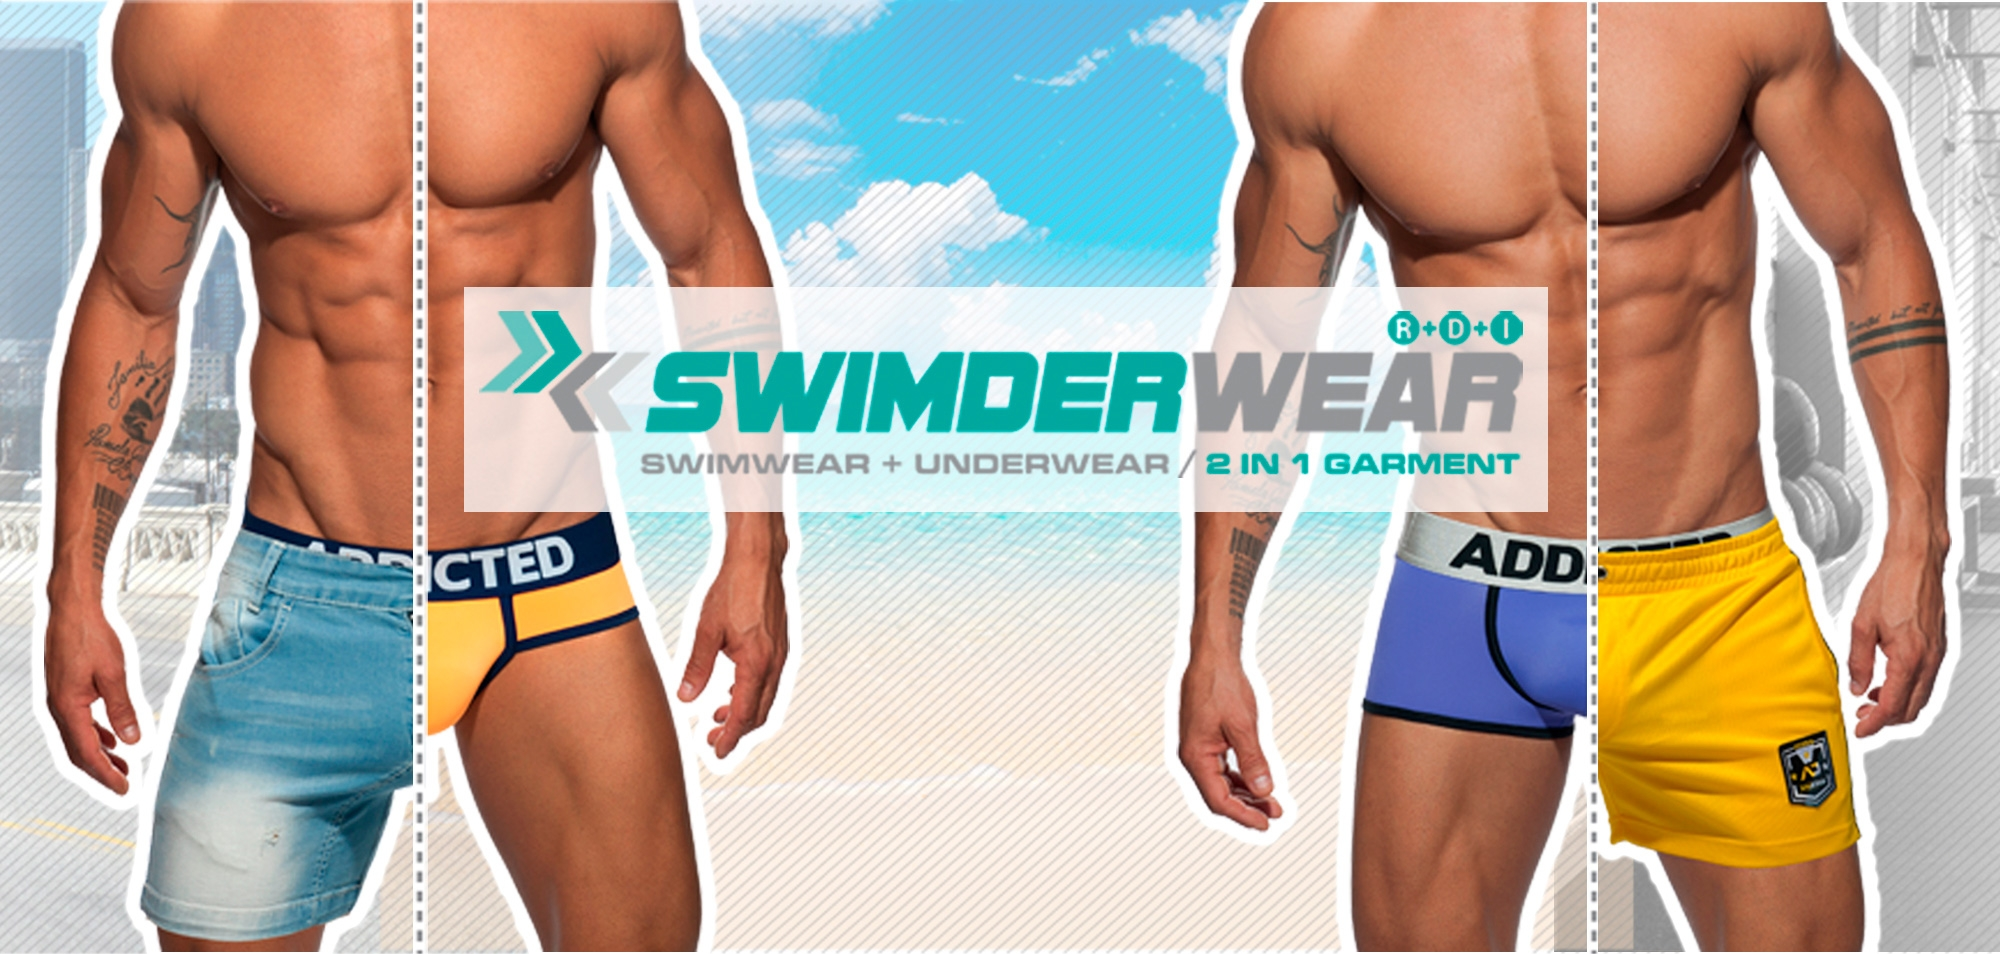 Swimderwear